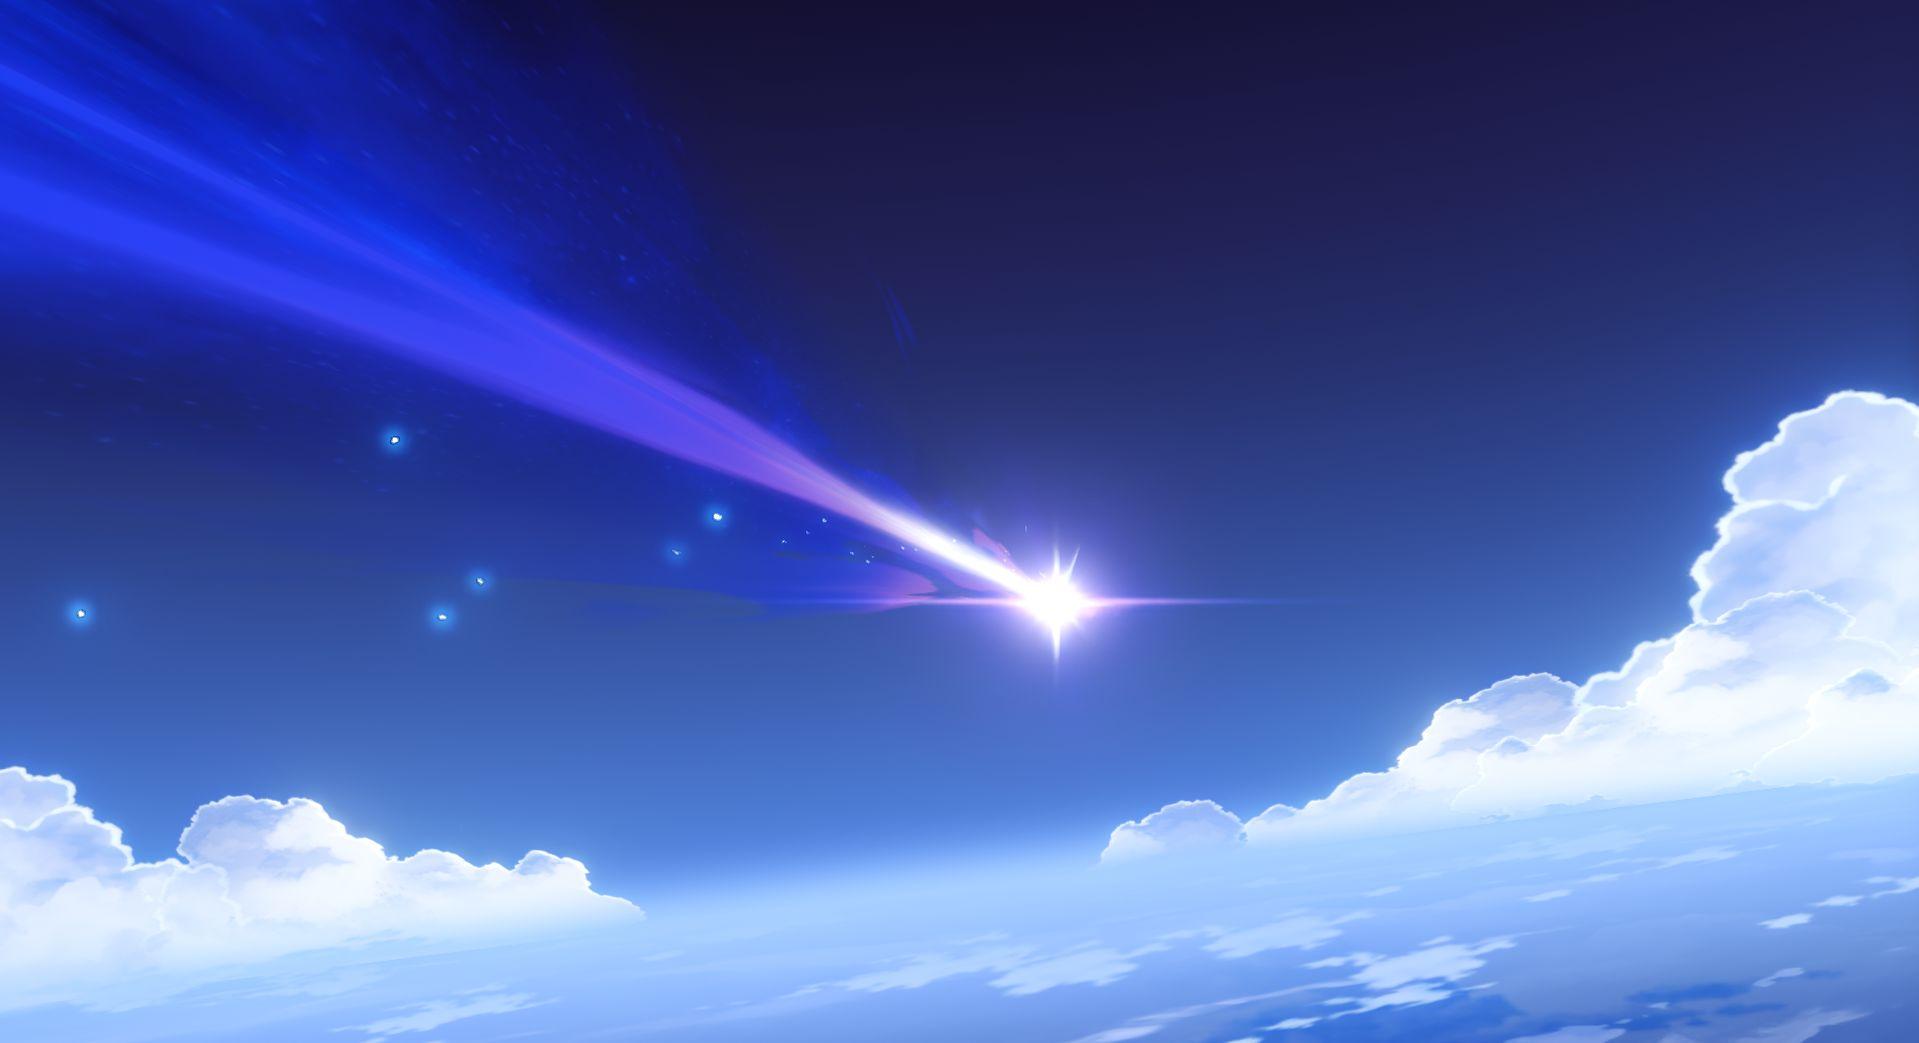 Genshin Impact – Les meilleurs trucs et astuces pour débutant à connaître avant de se lancer dans l'aventure